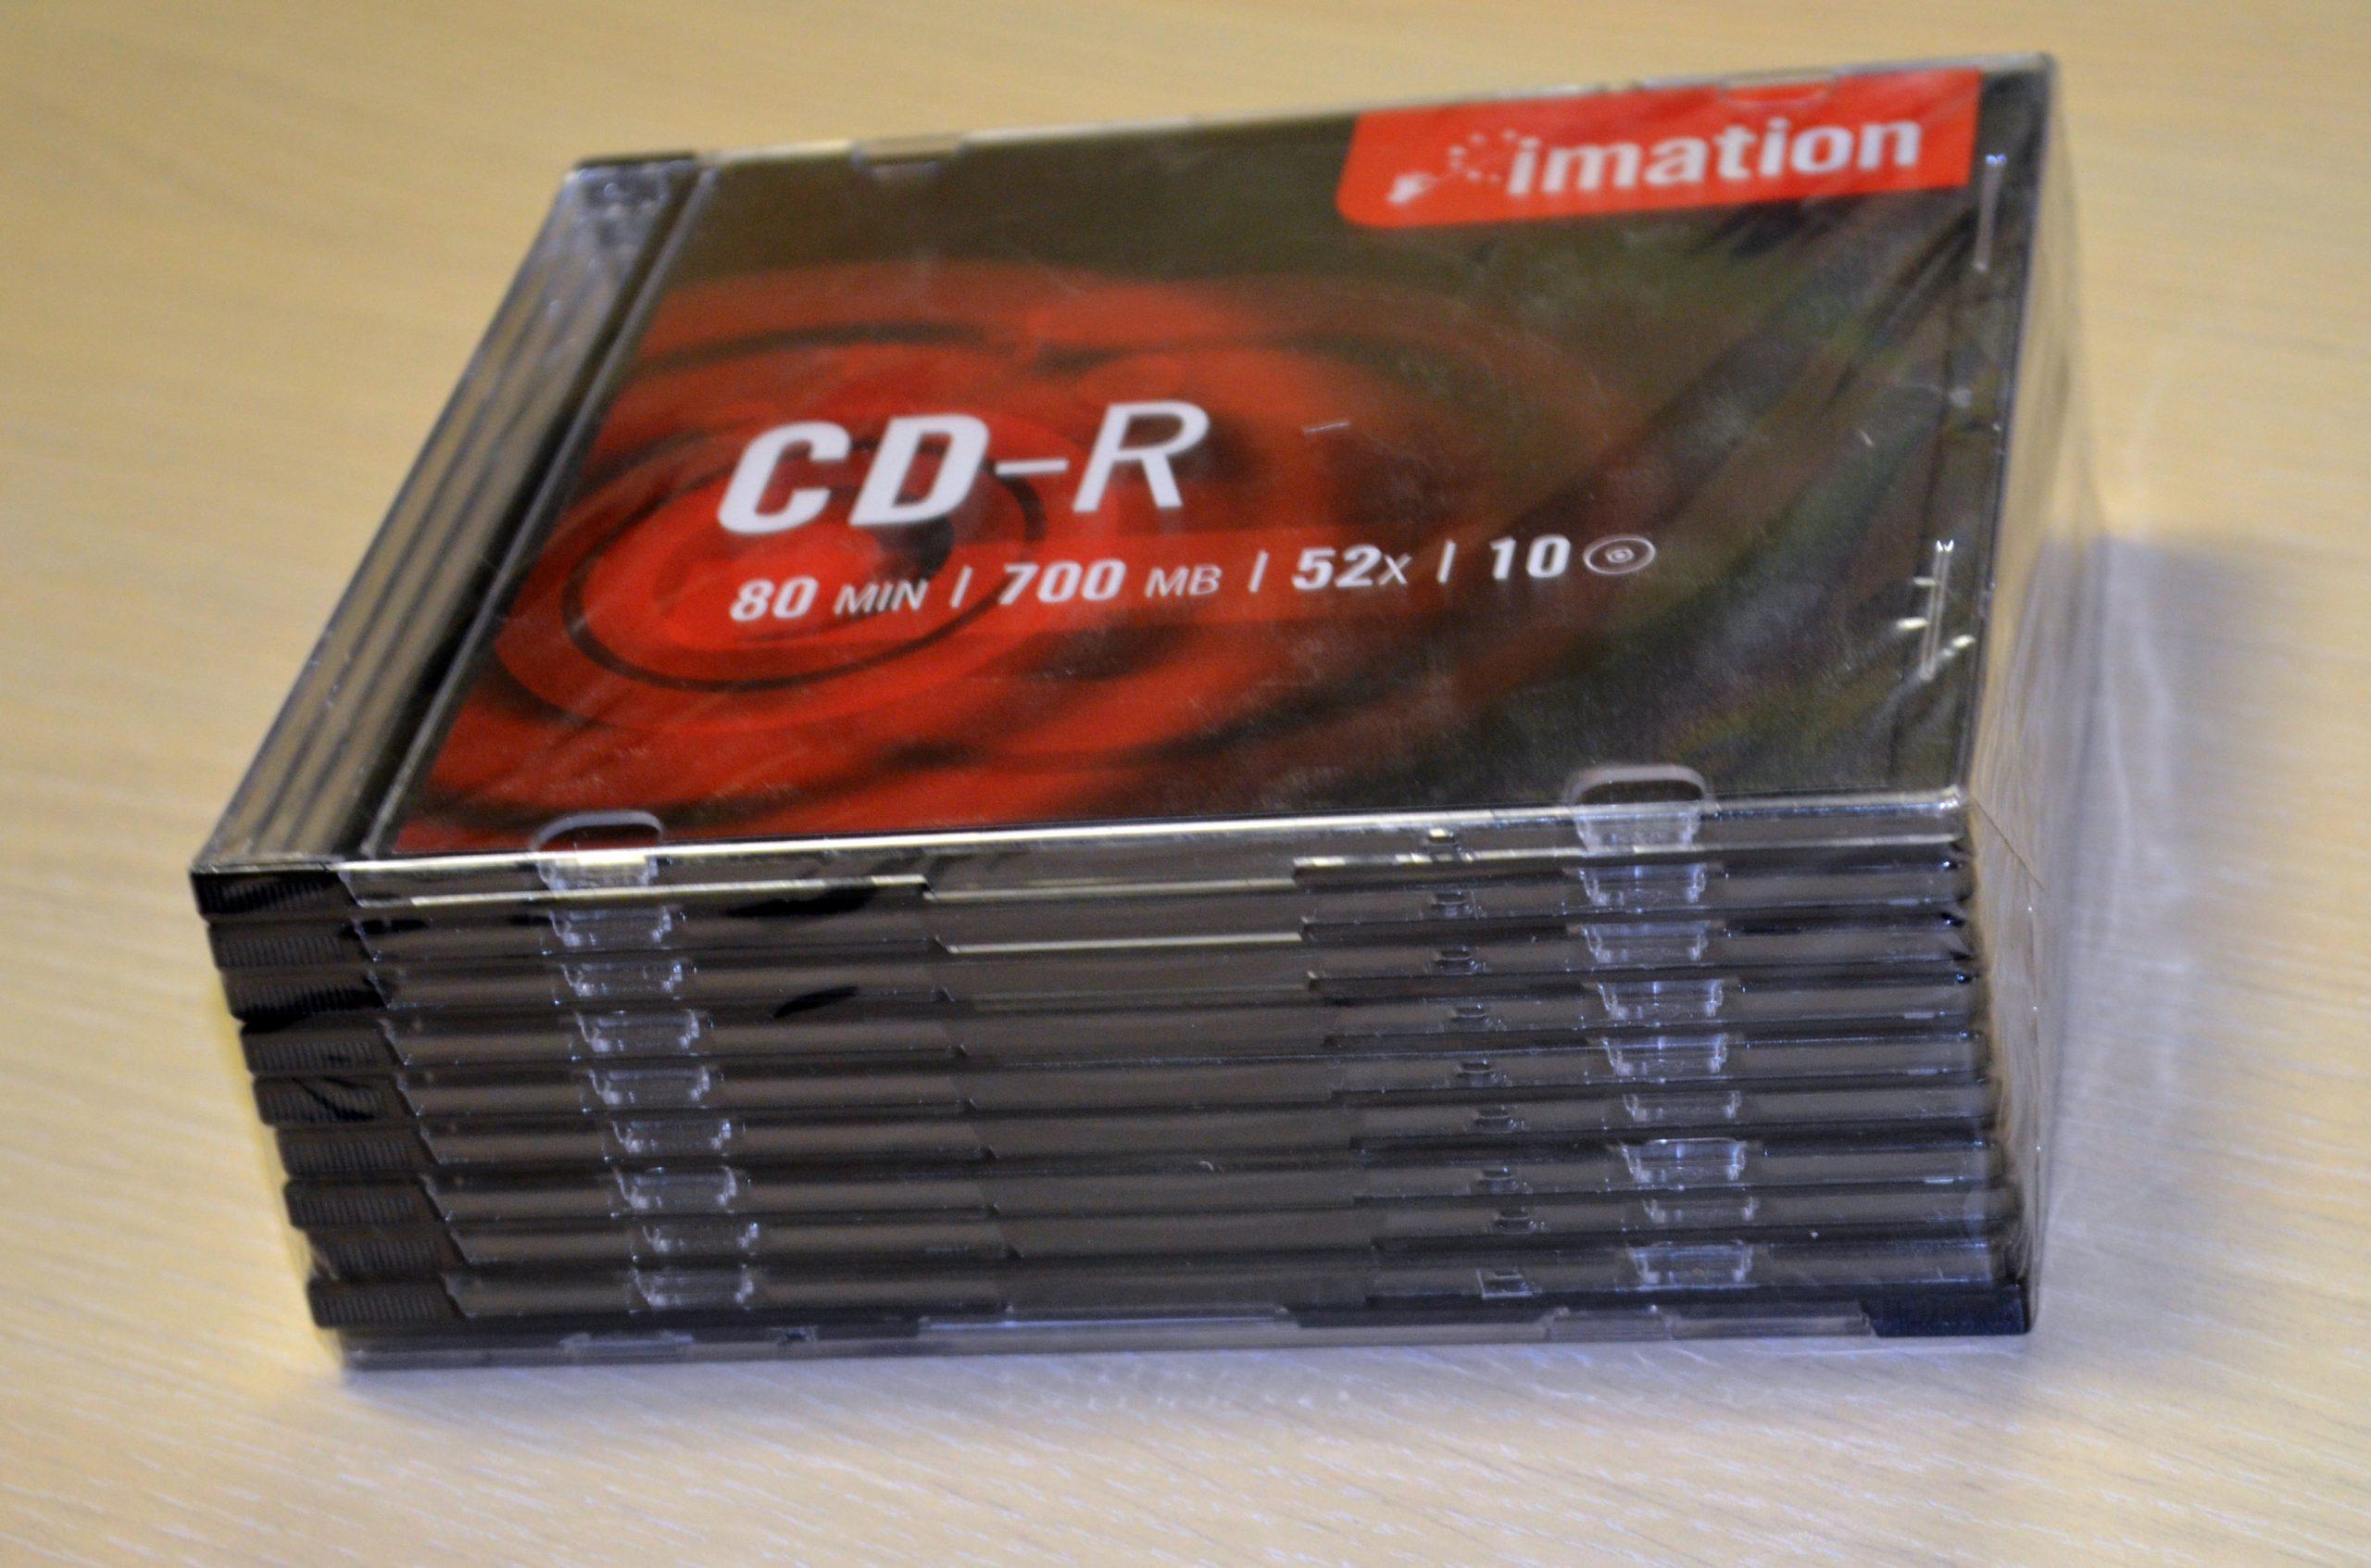 10PK RETAIL SLIM CD-R Imation